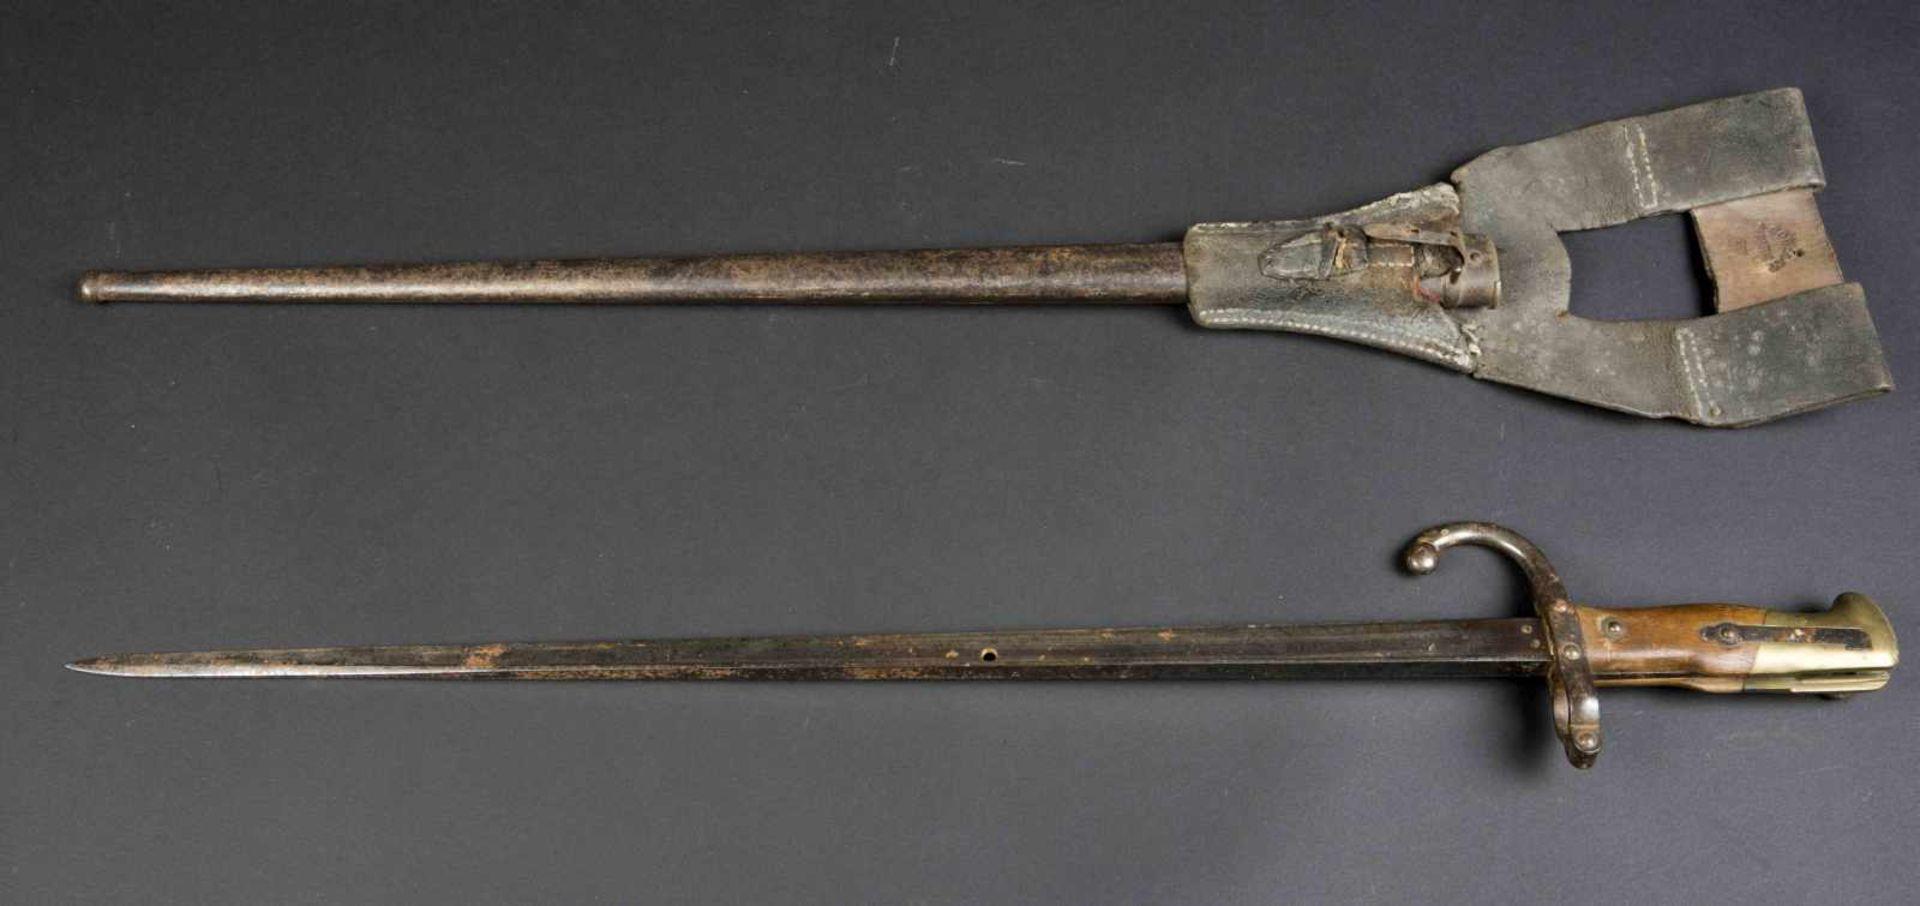 Lot de deux baïonnettes Lebel modèle 1886 poignée maillechort (bon état) avec porte-baïonnette non